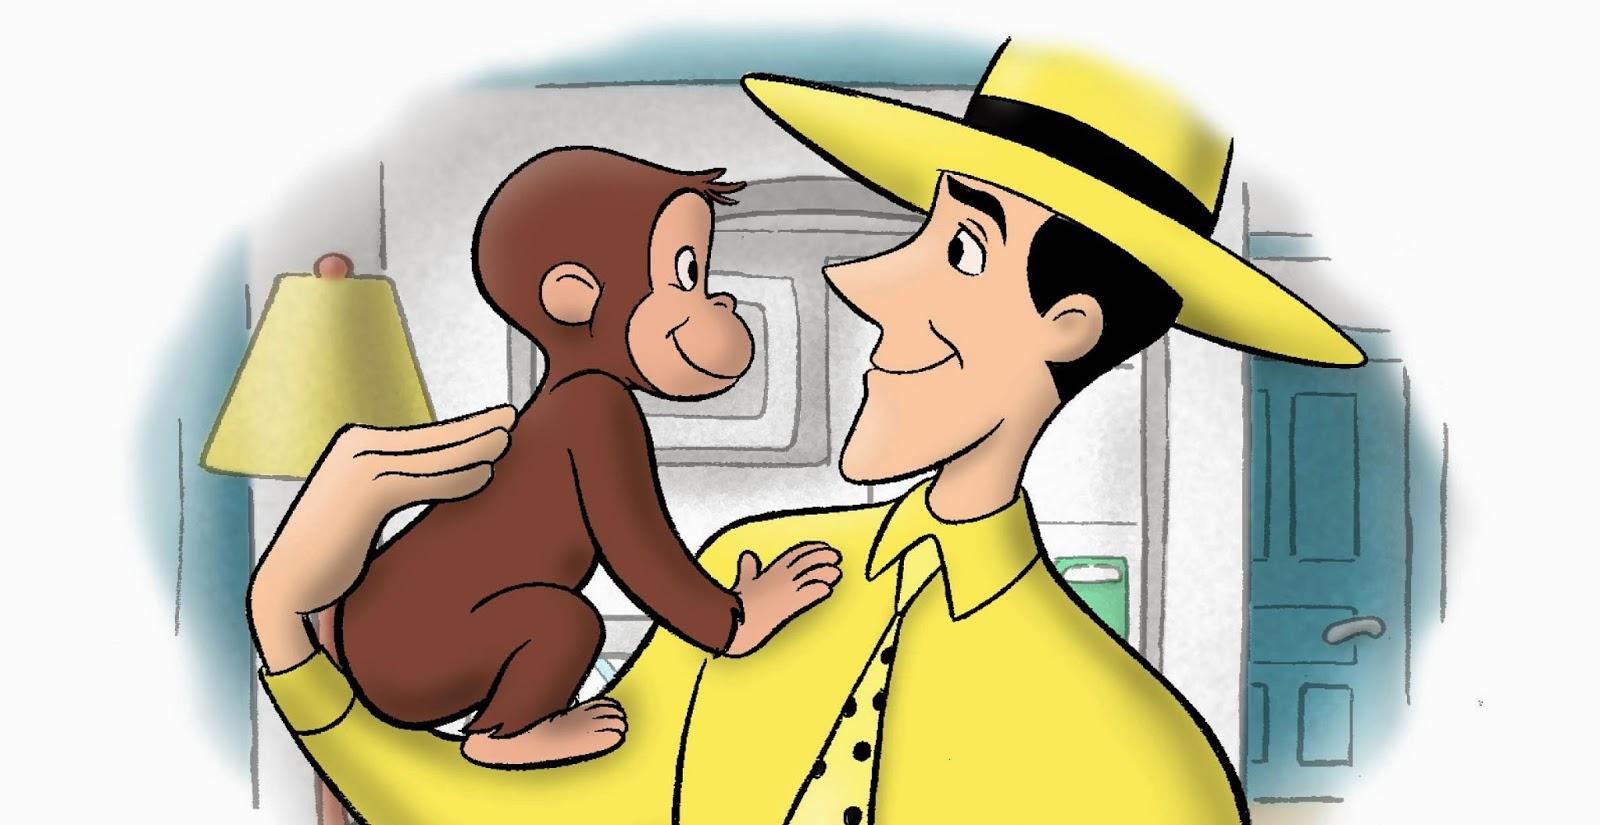 kumpulan gambar curious george gambar lucu terbaru cartoon animation pictures curious george clip art images curious george clip art writing